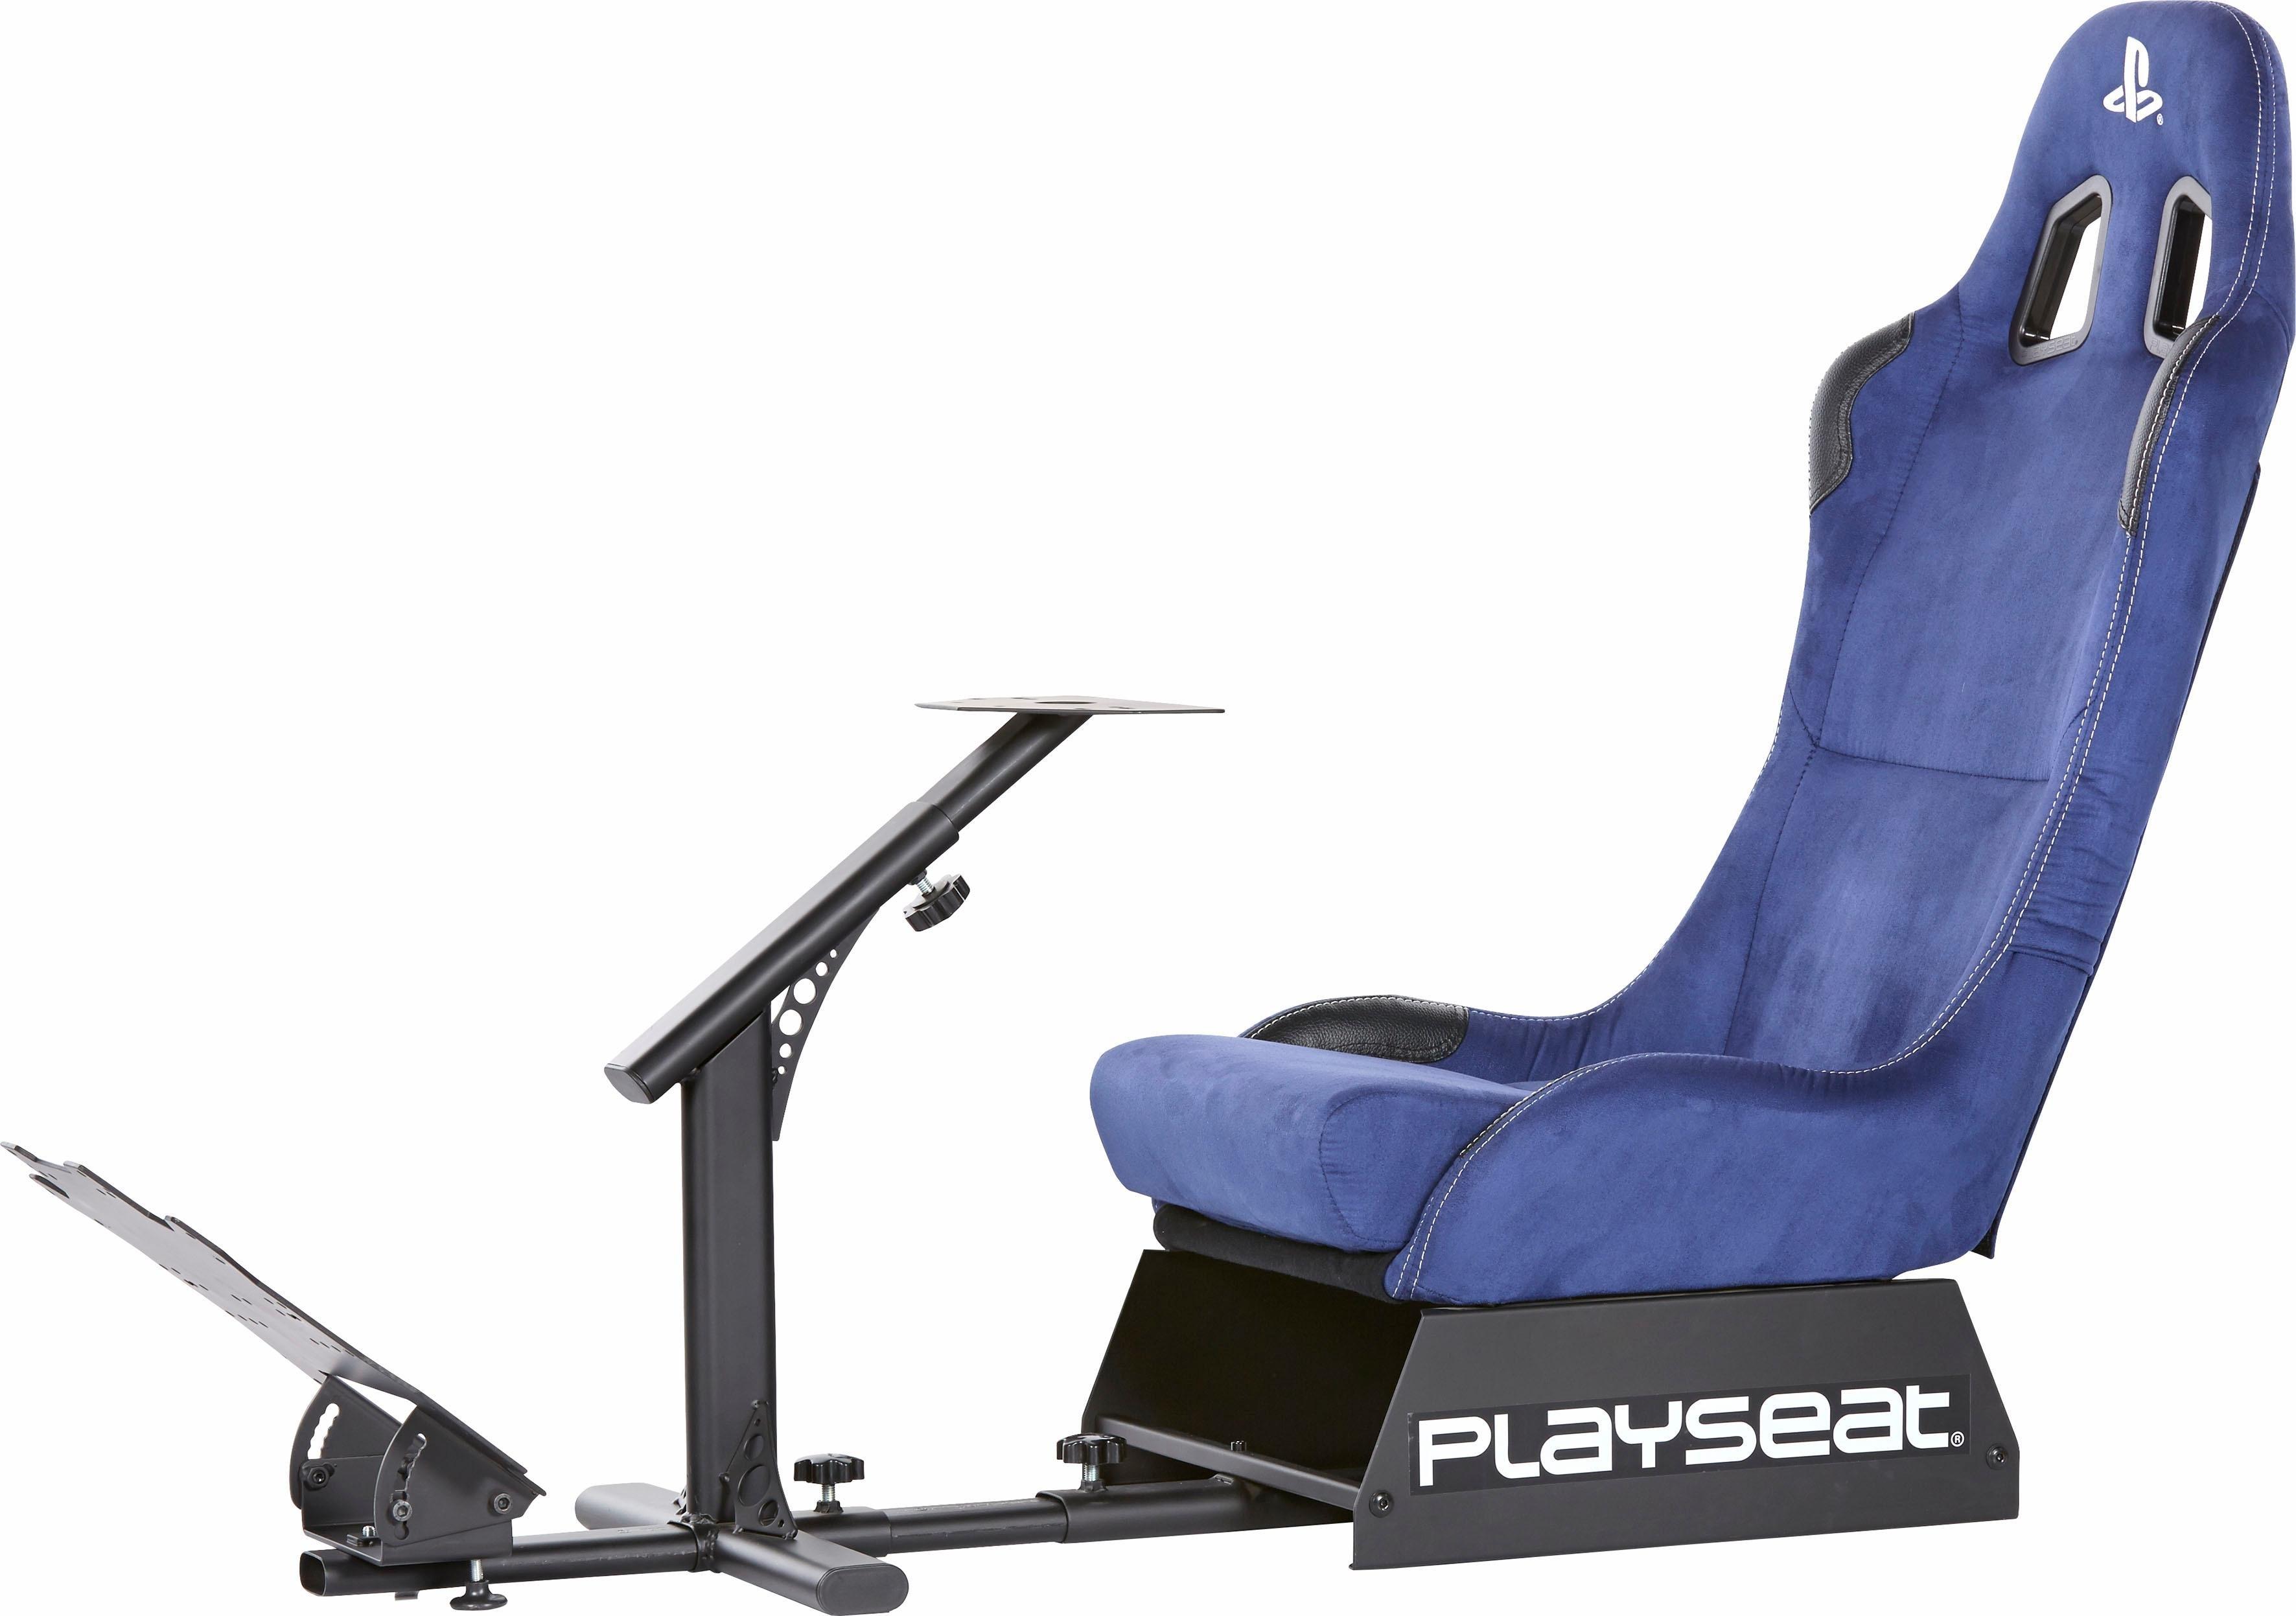 Game Stoel Kopen : Playseats playstation edition gamestoel in de online shop otto